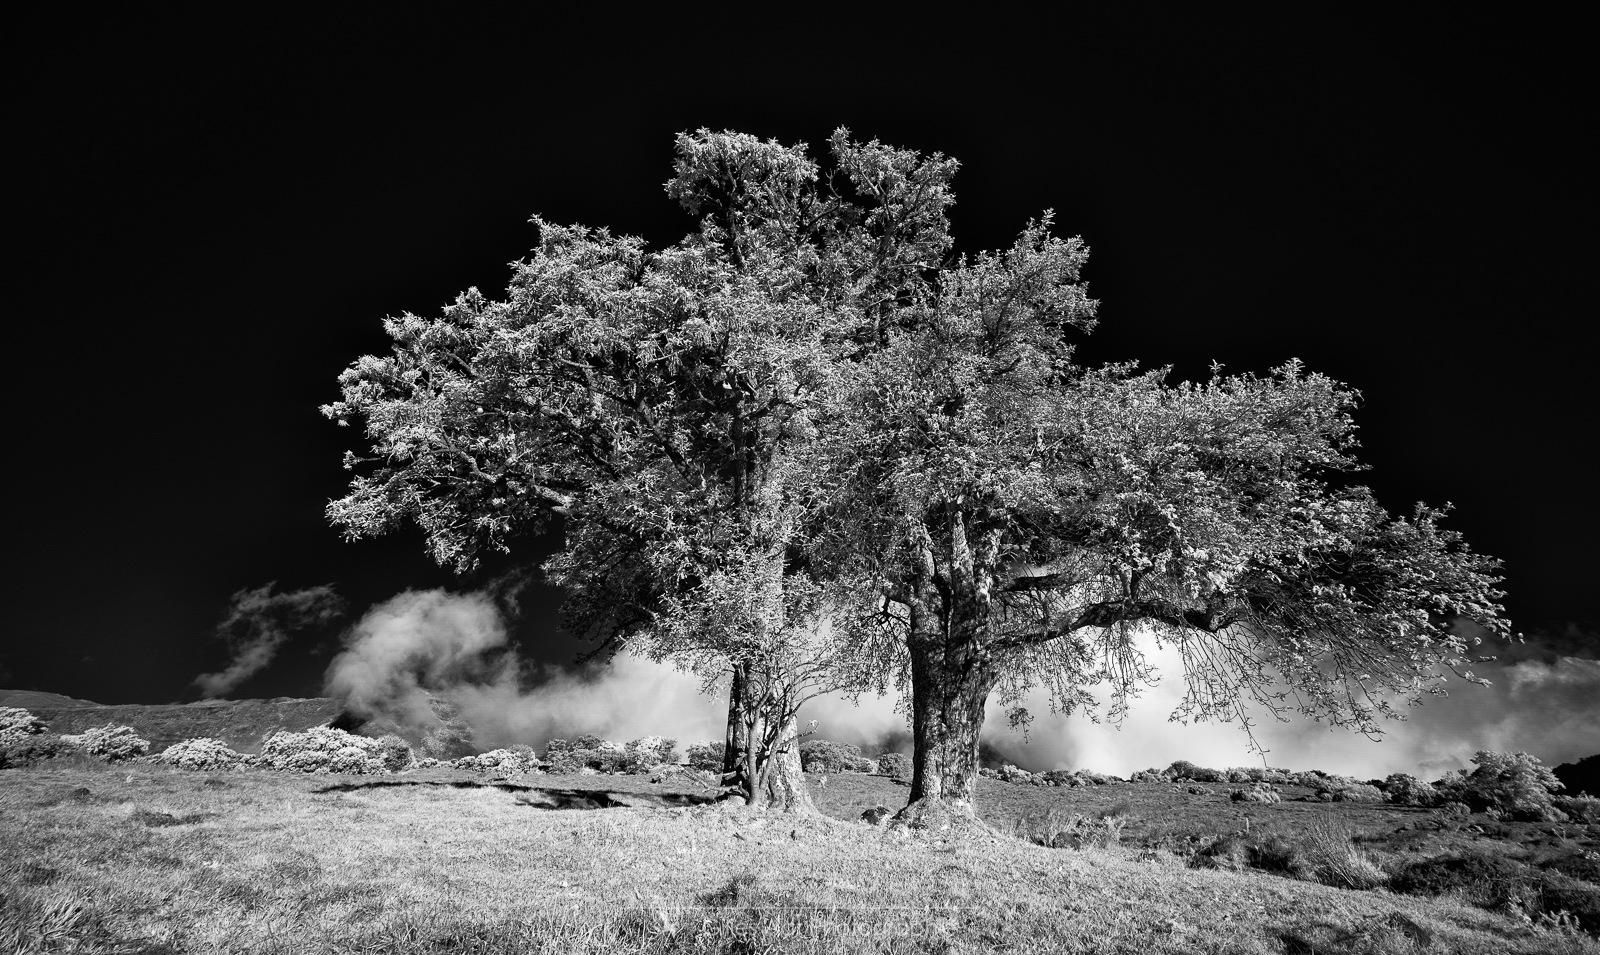 les 2 frères - arbres en infrarouge